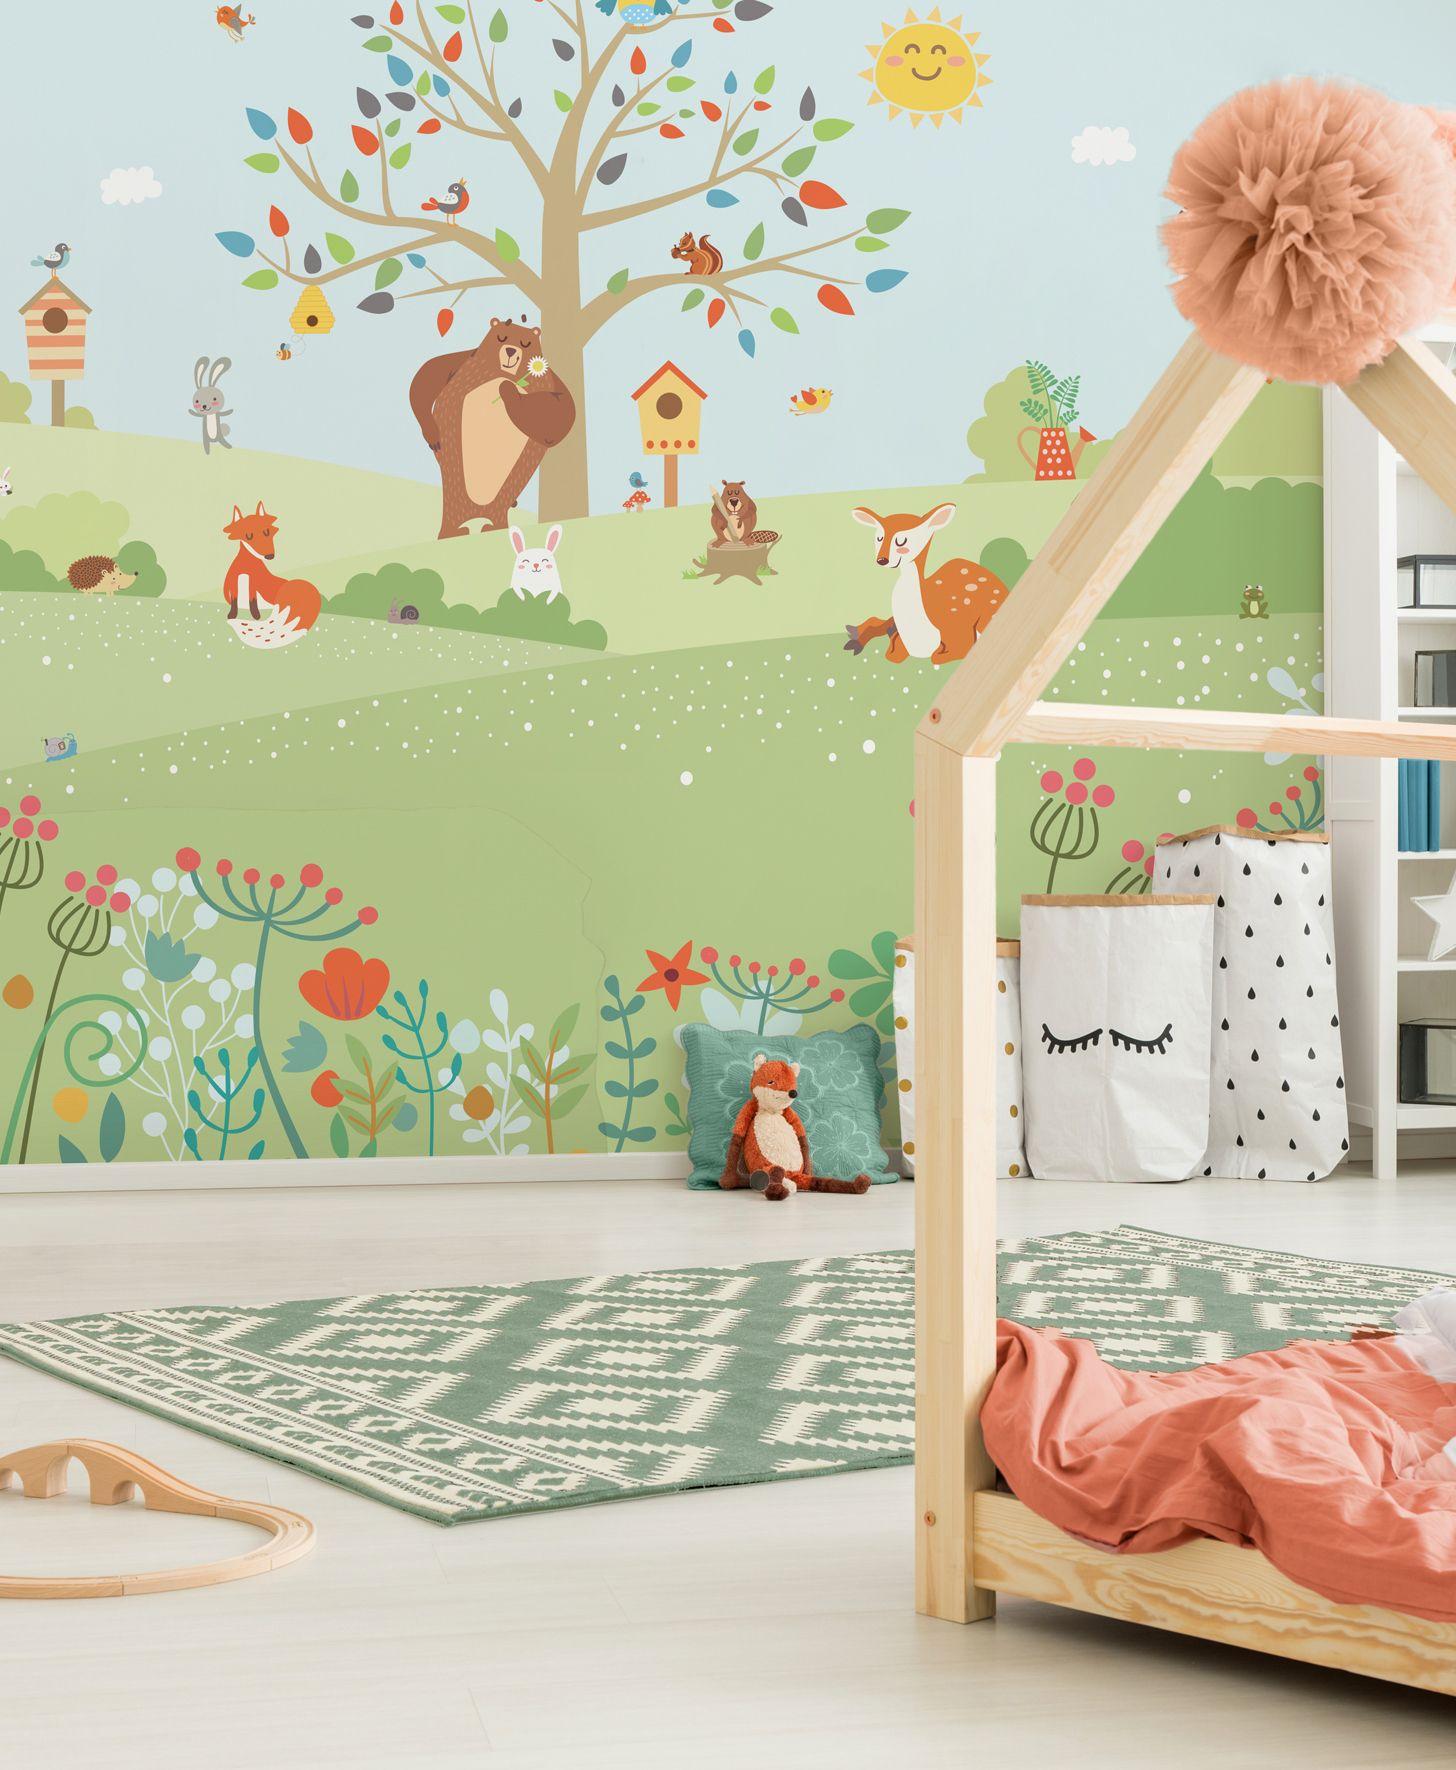 In virtù di meccanismi a noi sconosciuti, ha il potere di dettare l'inizio e la fine delle tendenze, propone gusti e stili che automaticamente diventano determinanti nelle nostre scelte, e poi, all'improvviso e in maniera molto convincente, ne stabilisce il superamento. Pin Su Alberi Carta Da Parati Per Bambini Baby Interior Design Wallpaper